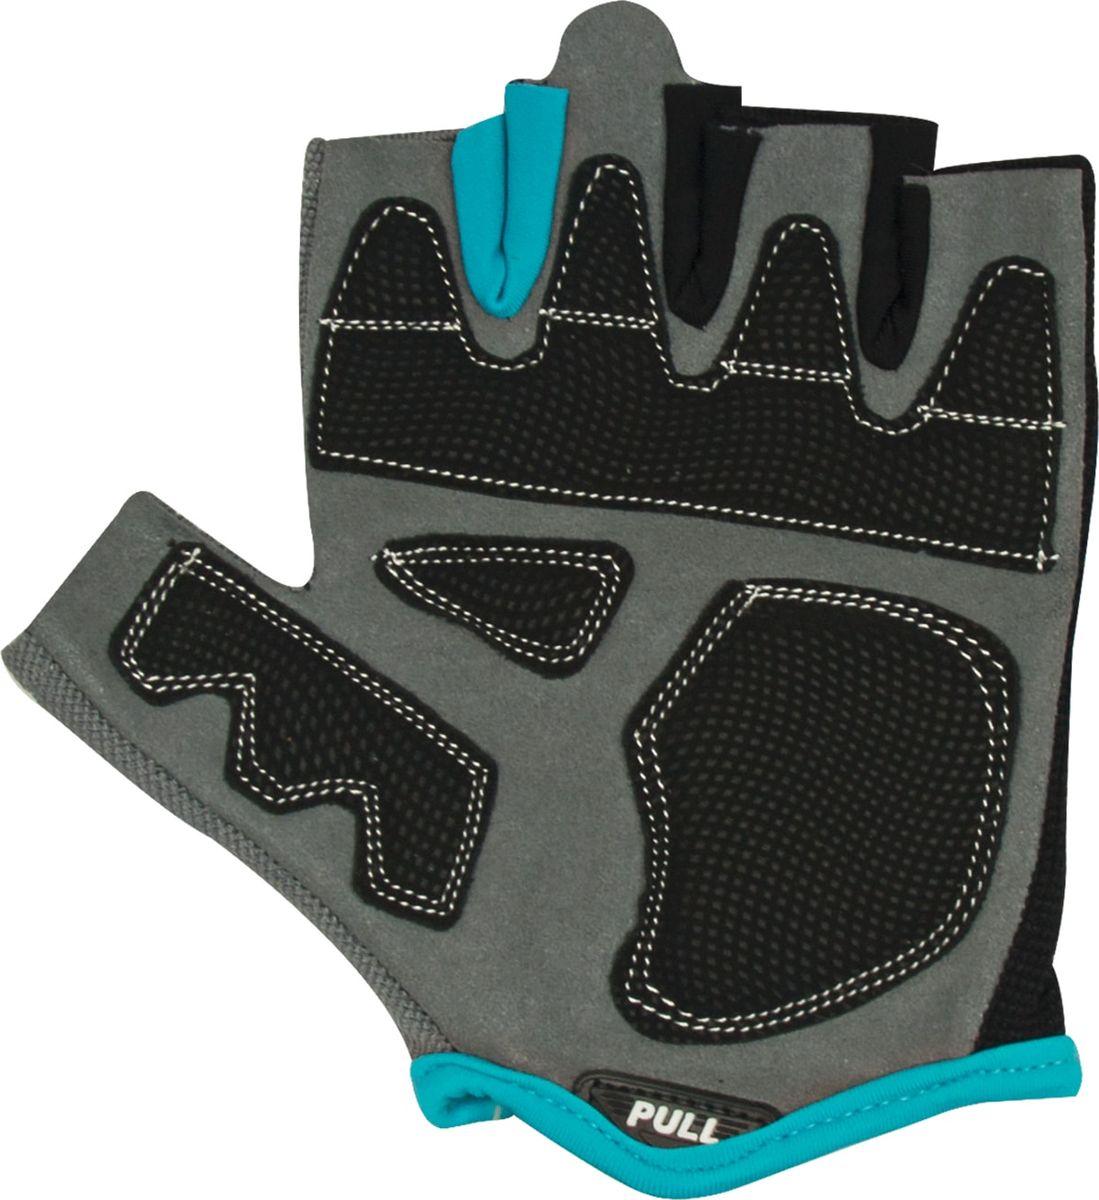 Перчатки для фитнеса Starfit  SU-117 , цвет: черный, серый, голубой. Размер S - Одежда, экипировка